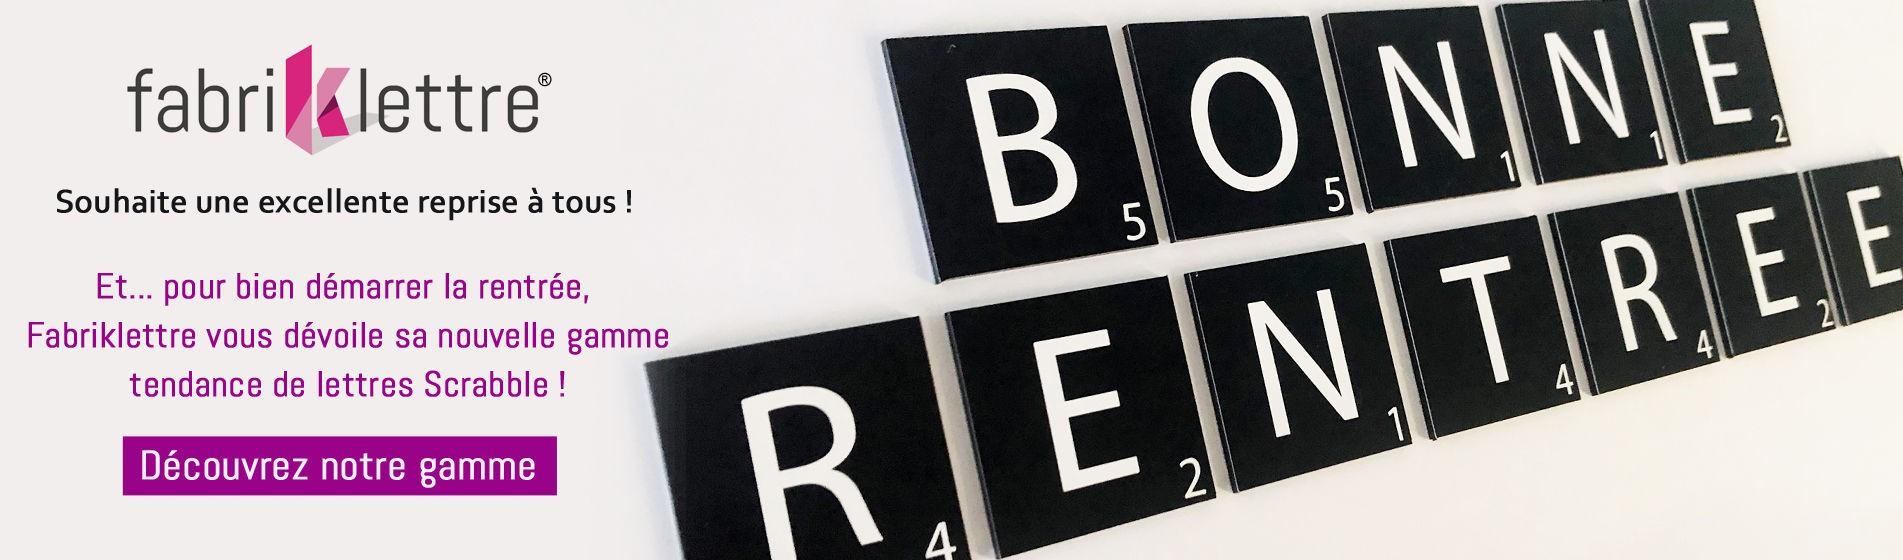 Lettres scrabble en alu noires avec lettres blanches